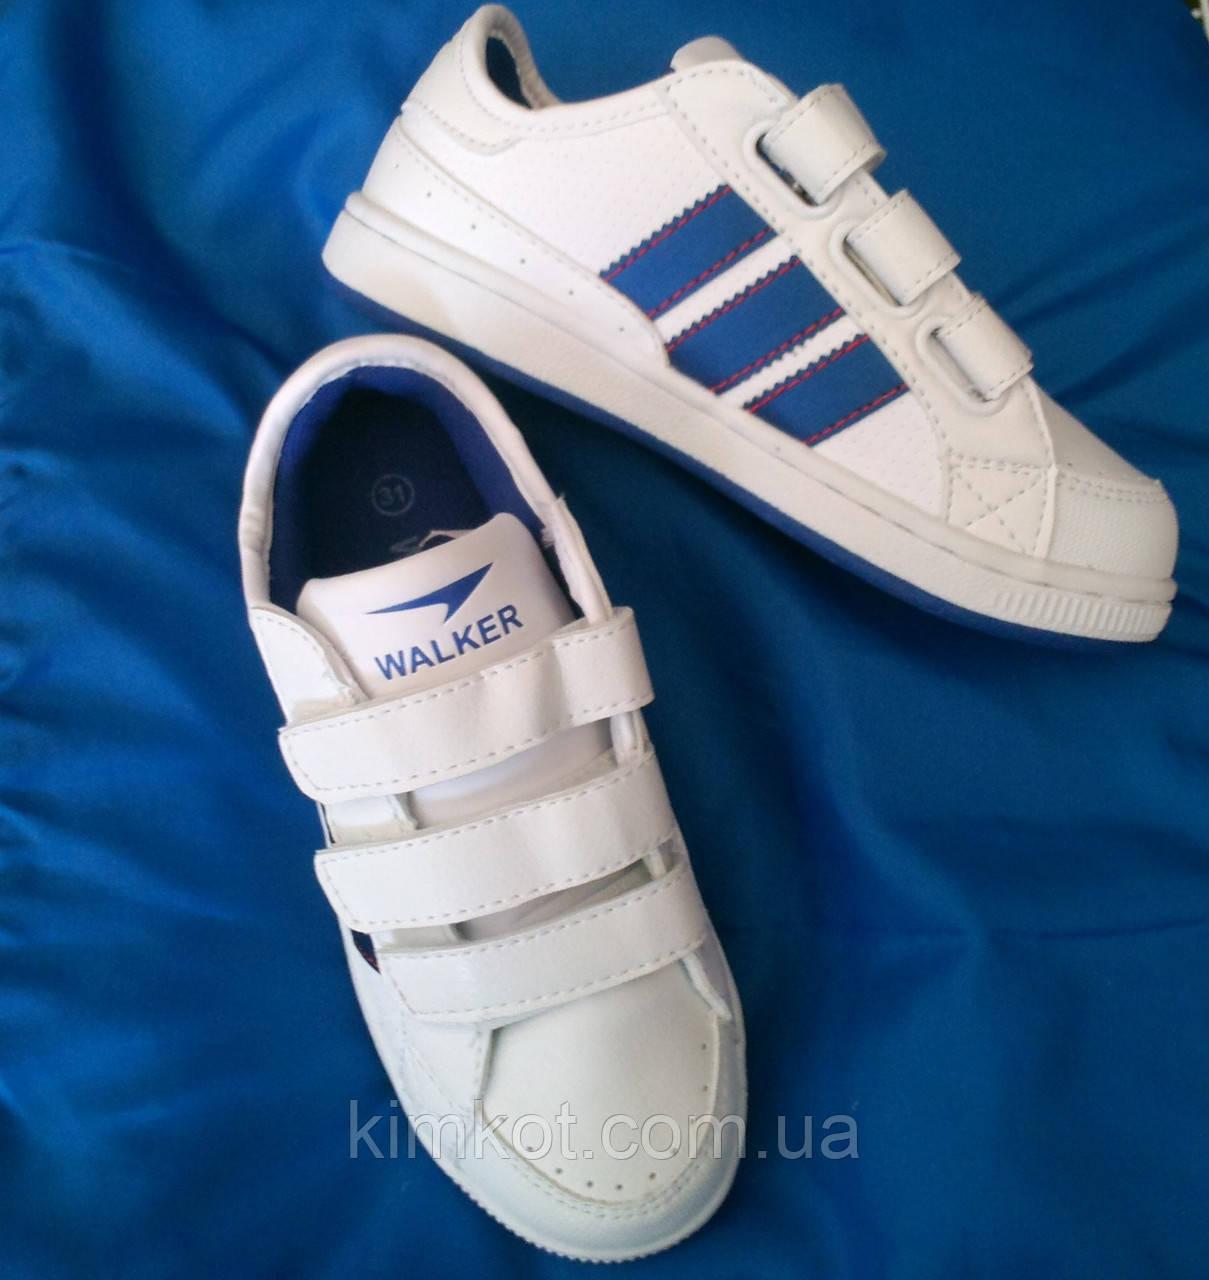 d649f838e573 Дешево кроссовки для мальчика р-ры 31 - 36 большемерят  продажа ...